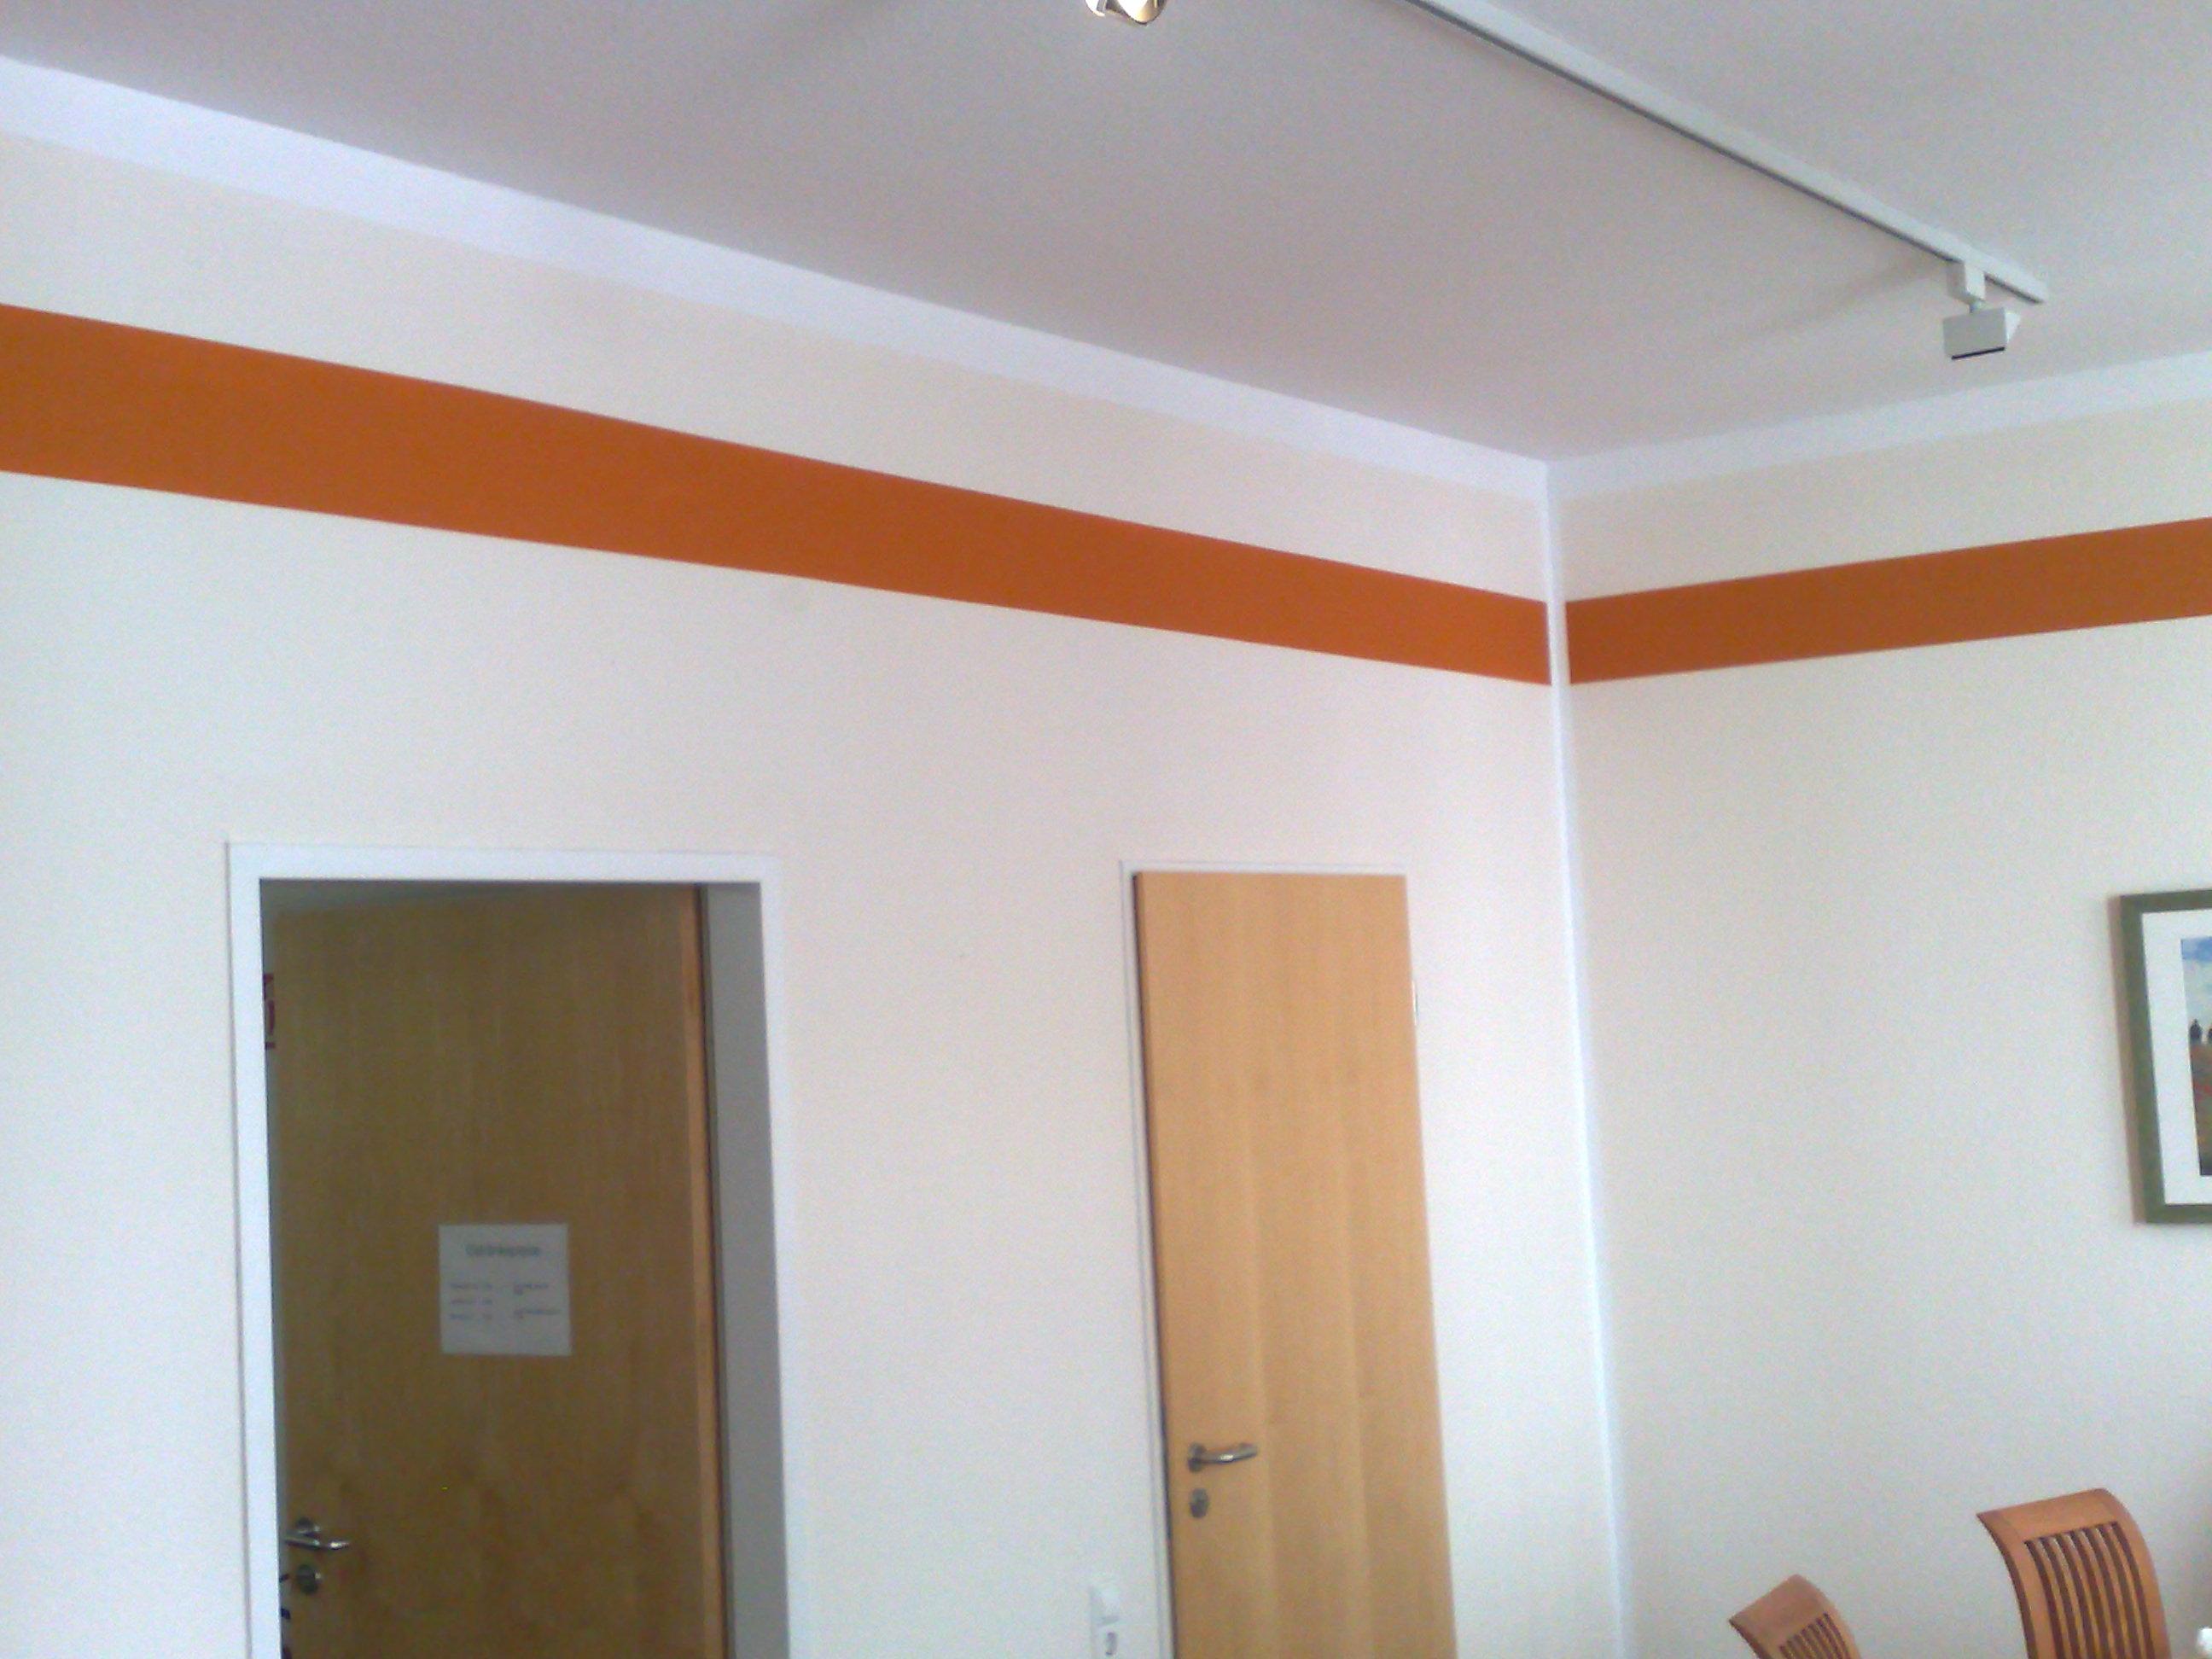 Schön Ideen Zur Wandgestaltung Mit Farbe Schema